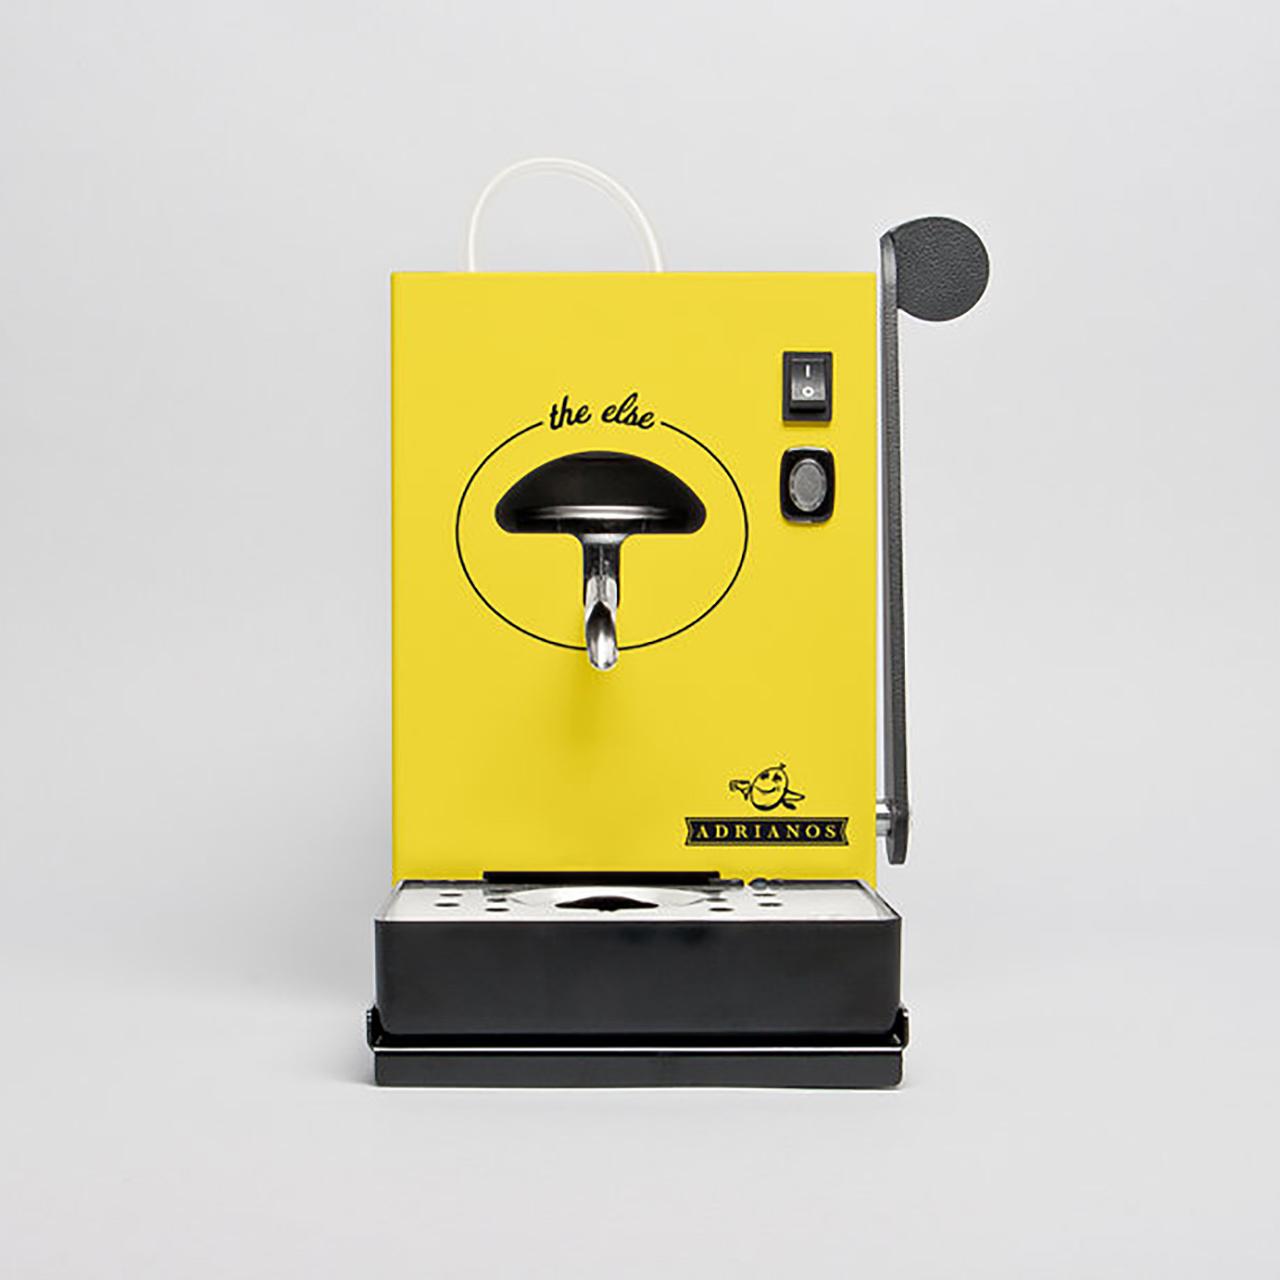 Kaffeemaschine Adrianos